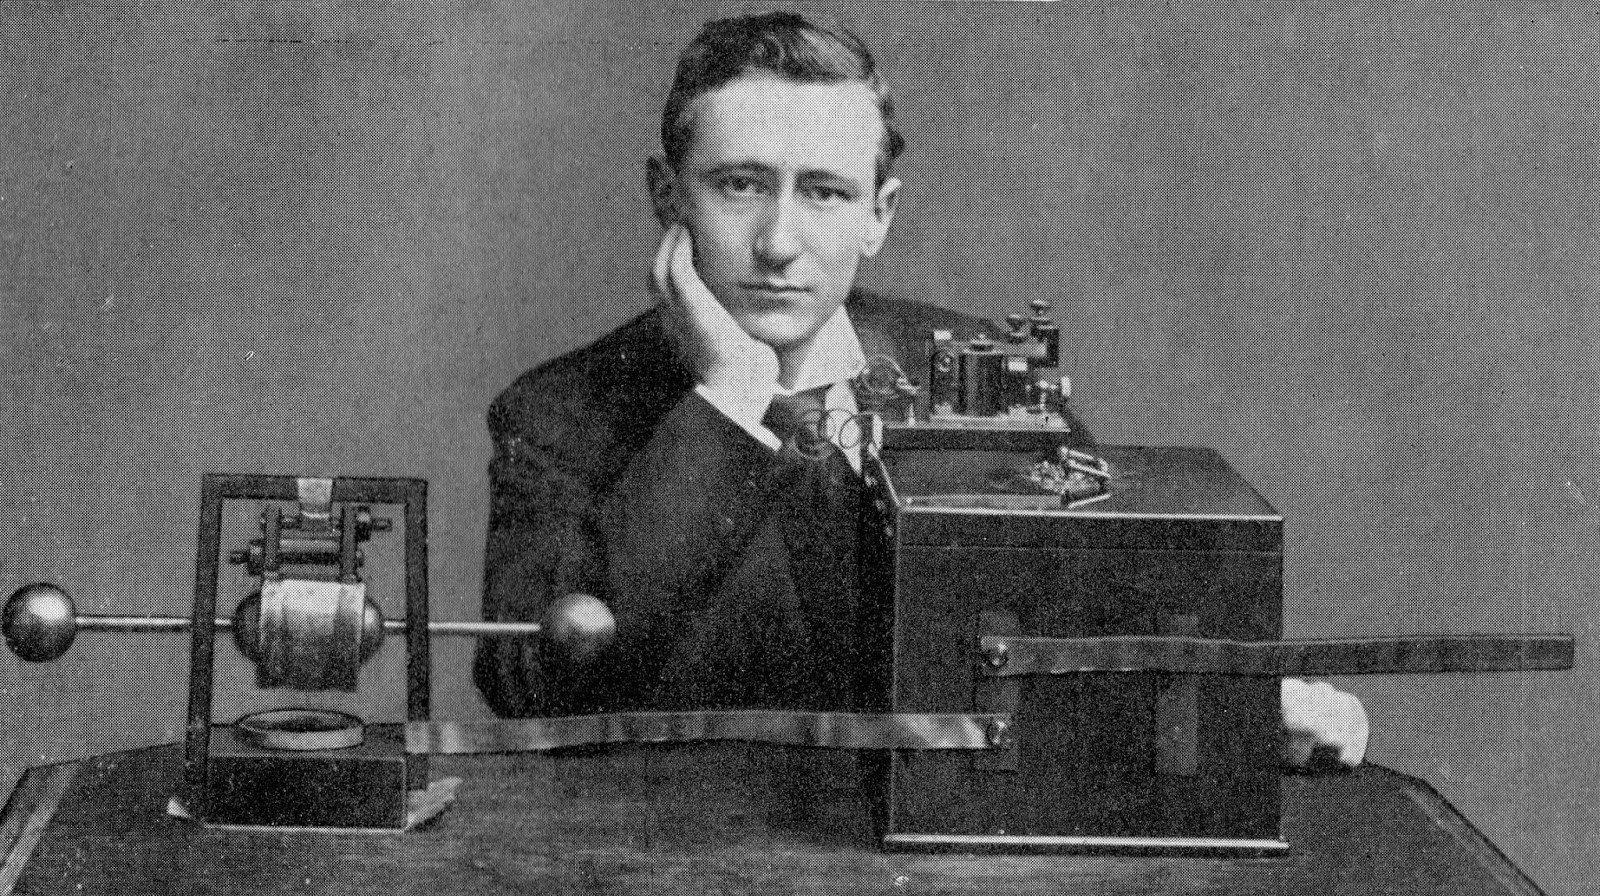 1895- Guglielmo Marconi